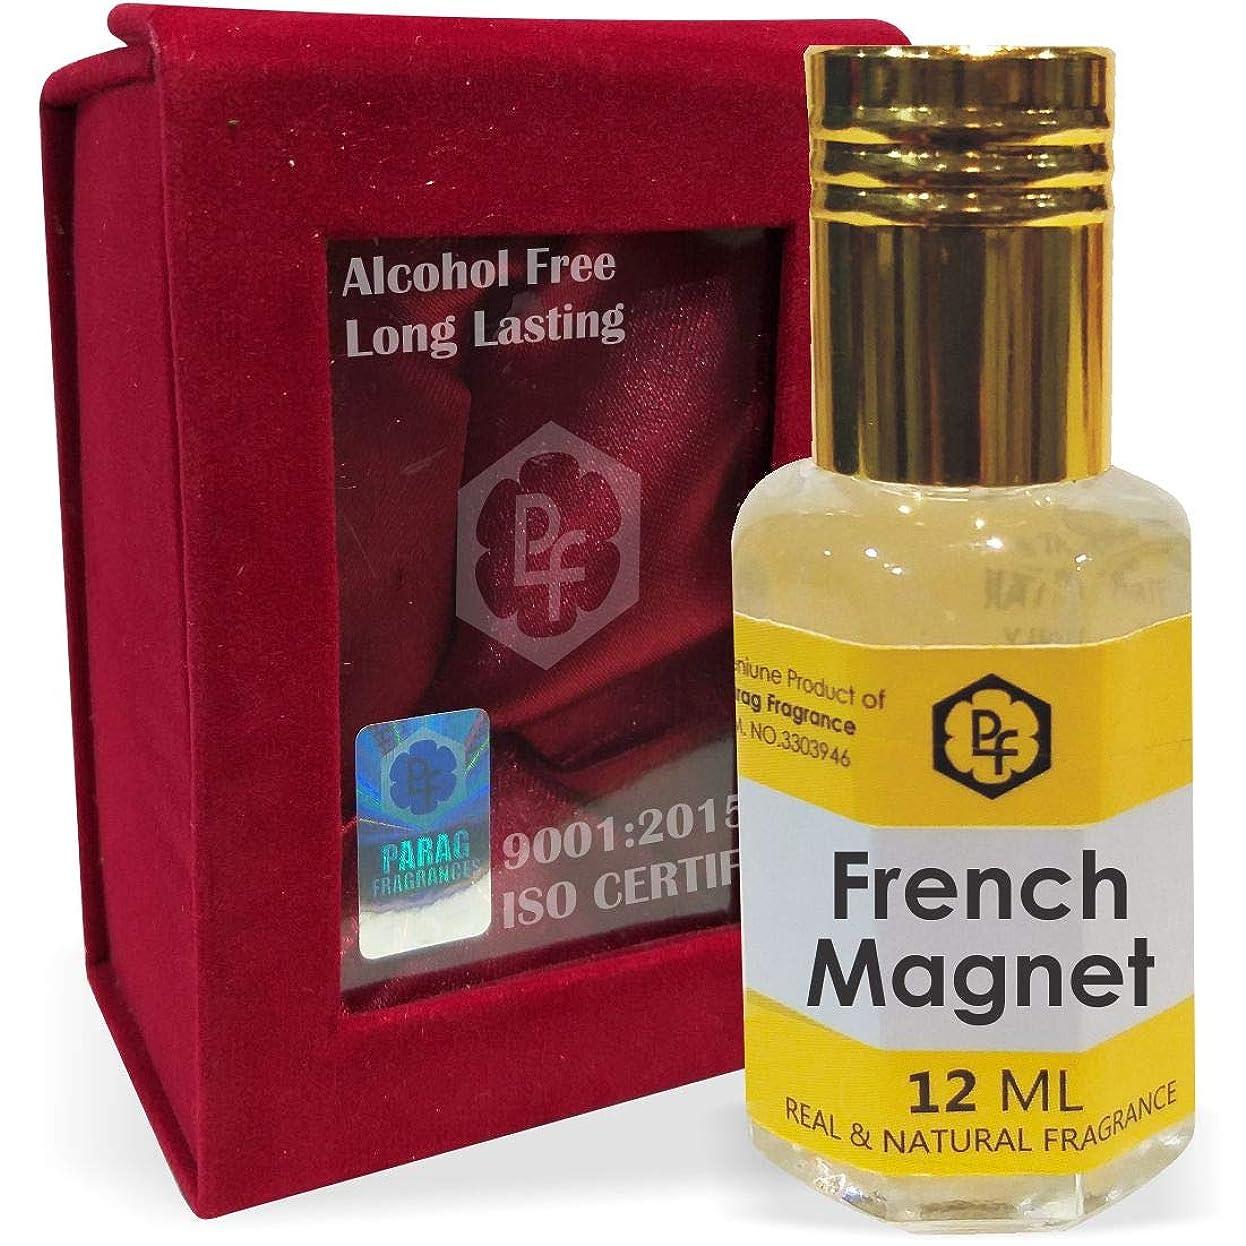 にんじん甘いセントParagフレグランス手作りベルベットボックスがフランス語マグネット12ミリリットルアター/香水(インドの伝統的なBhapka処理方法により、インド製)オイル/フレグランスオイル|長持ちアターITRA最高の品質